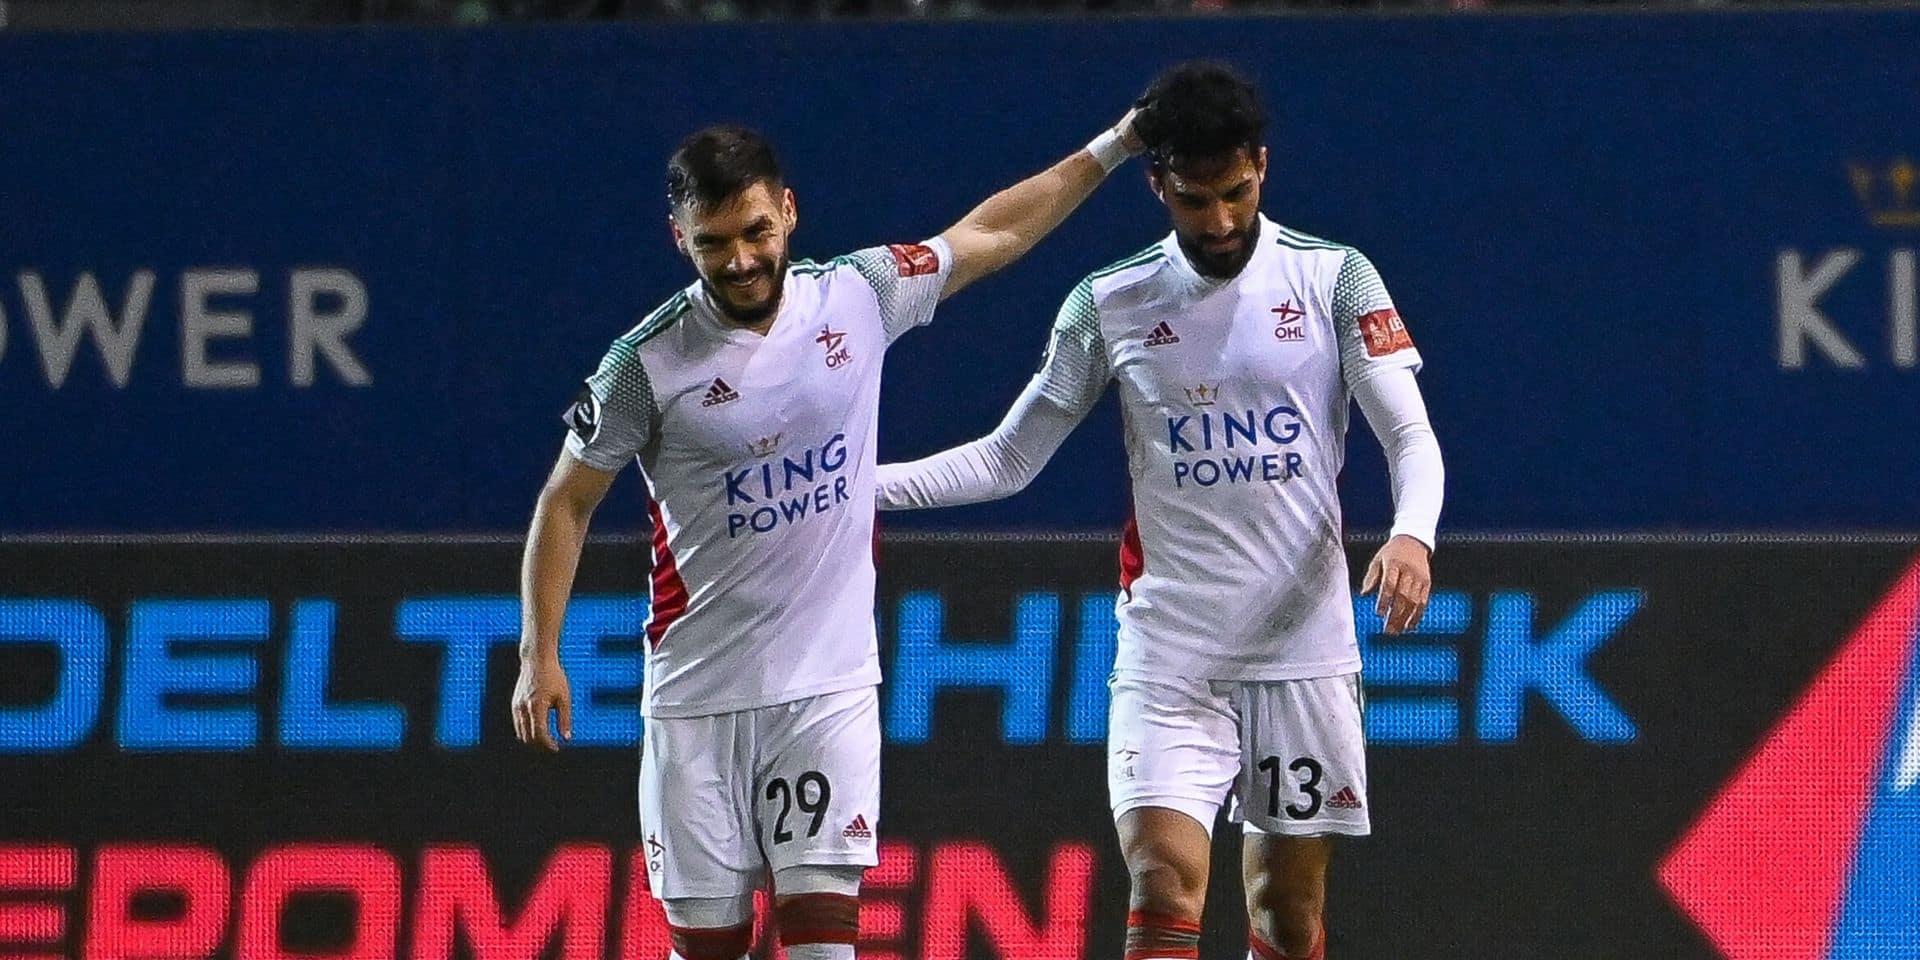 OHL bat l'Antwerp 2-0 et revient à 3 points du top 4